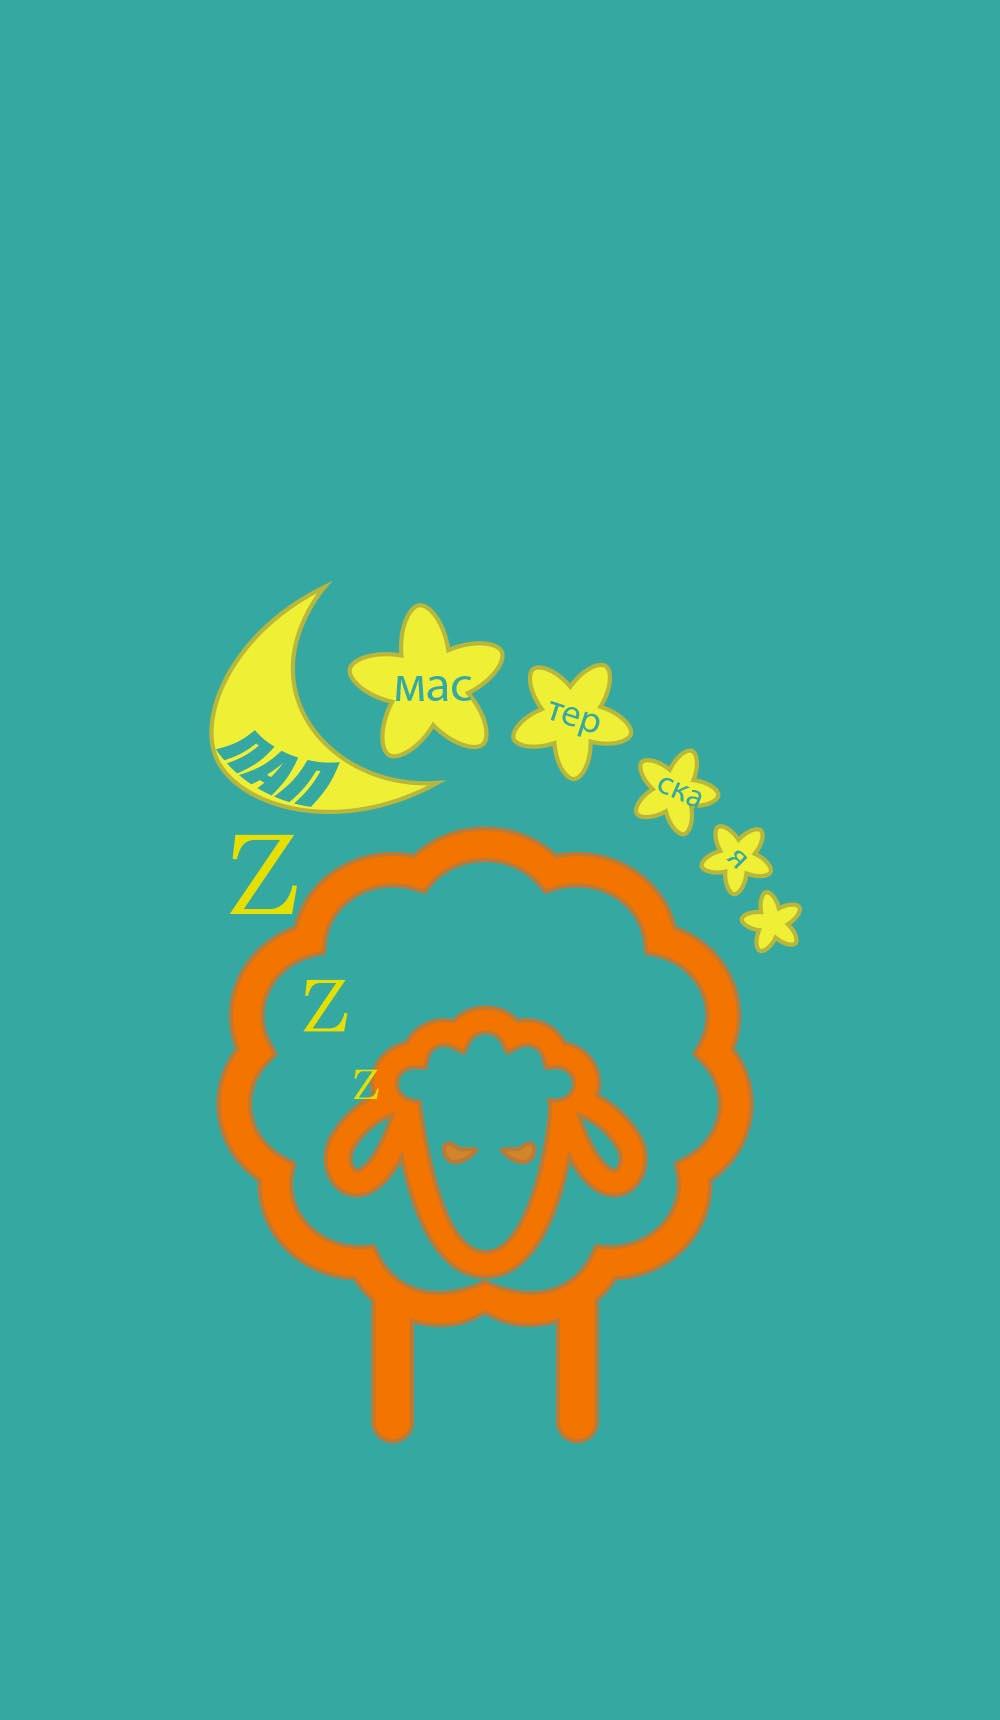 Разработка логотипа  фото f_7775aa6c13036394.jpg